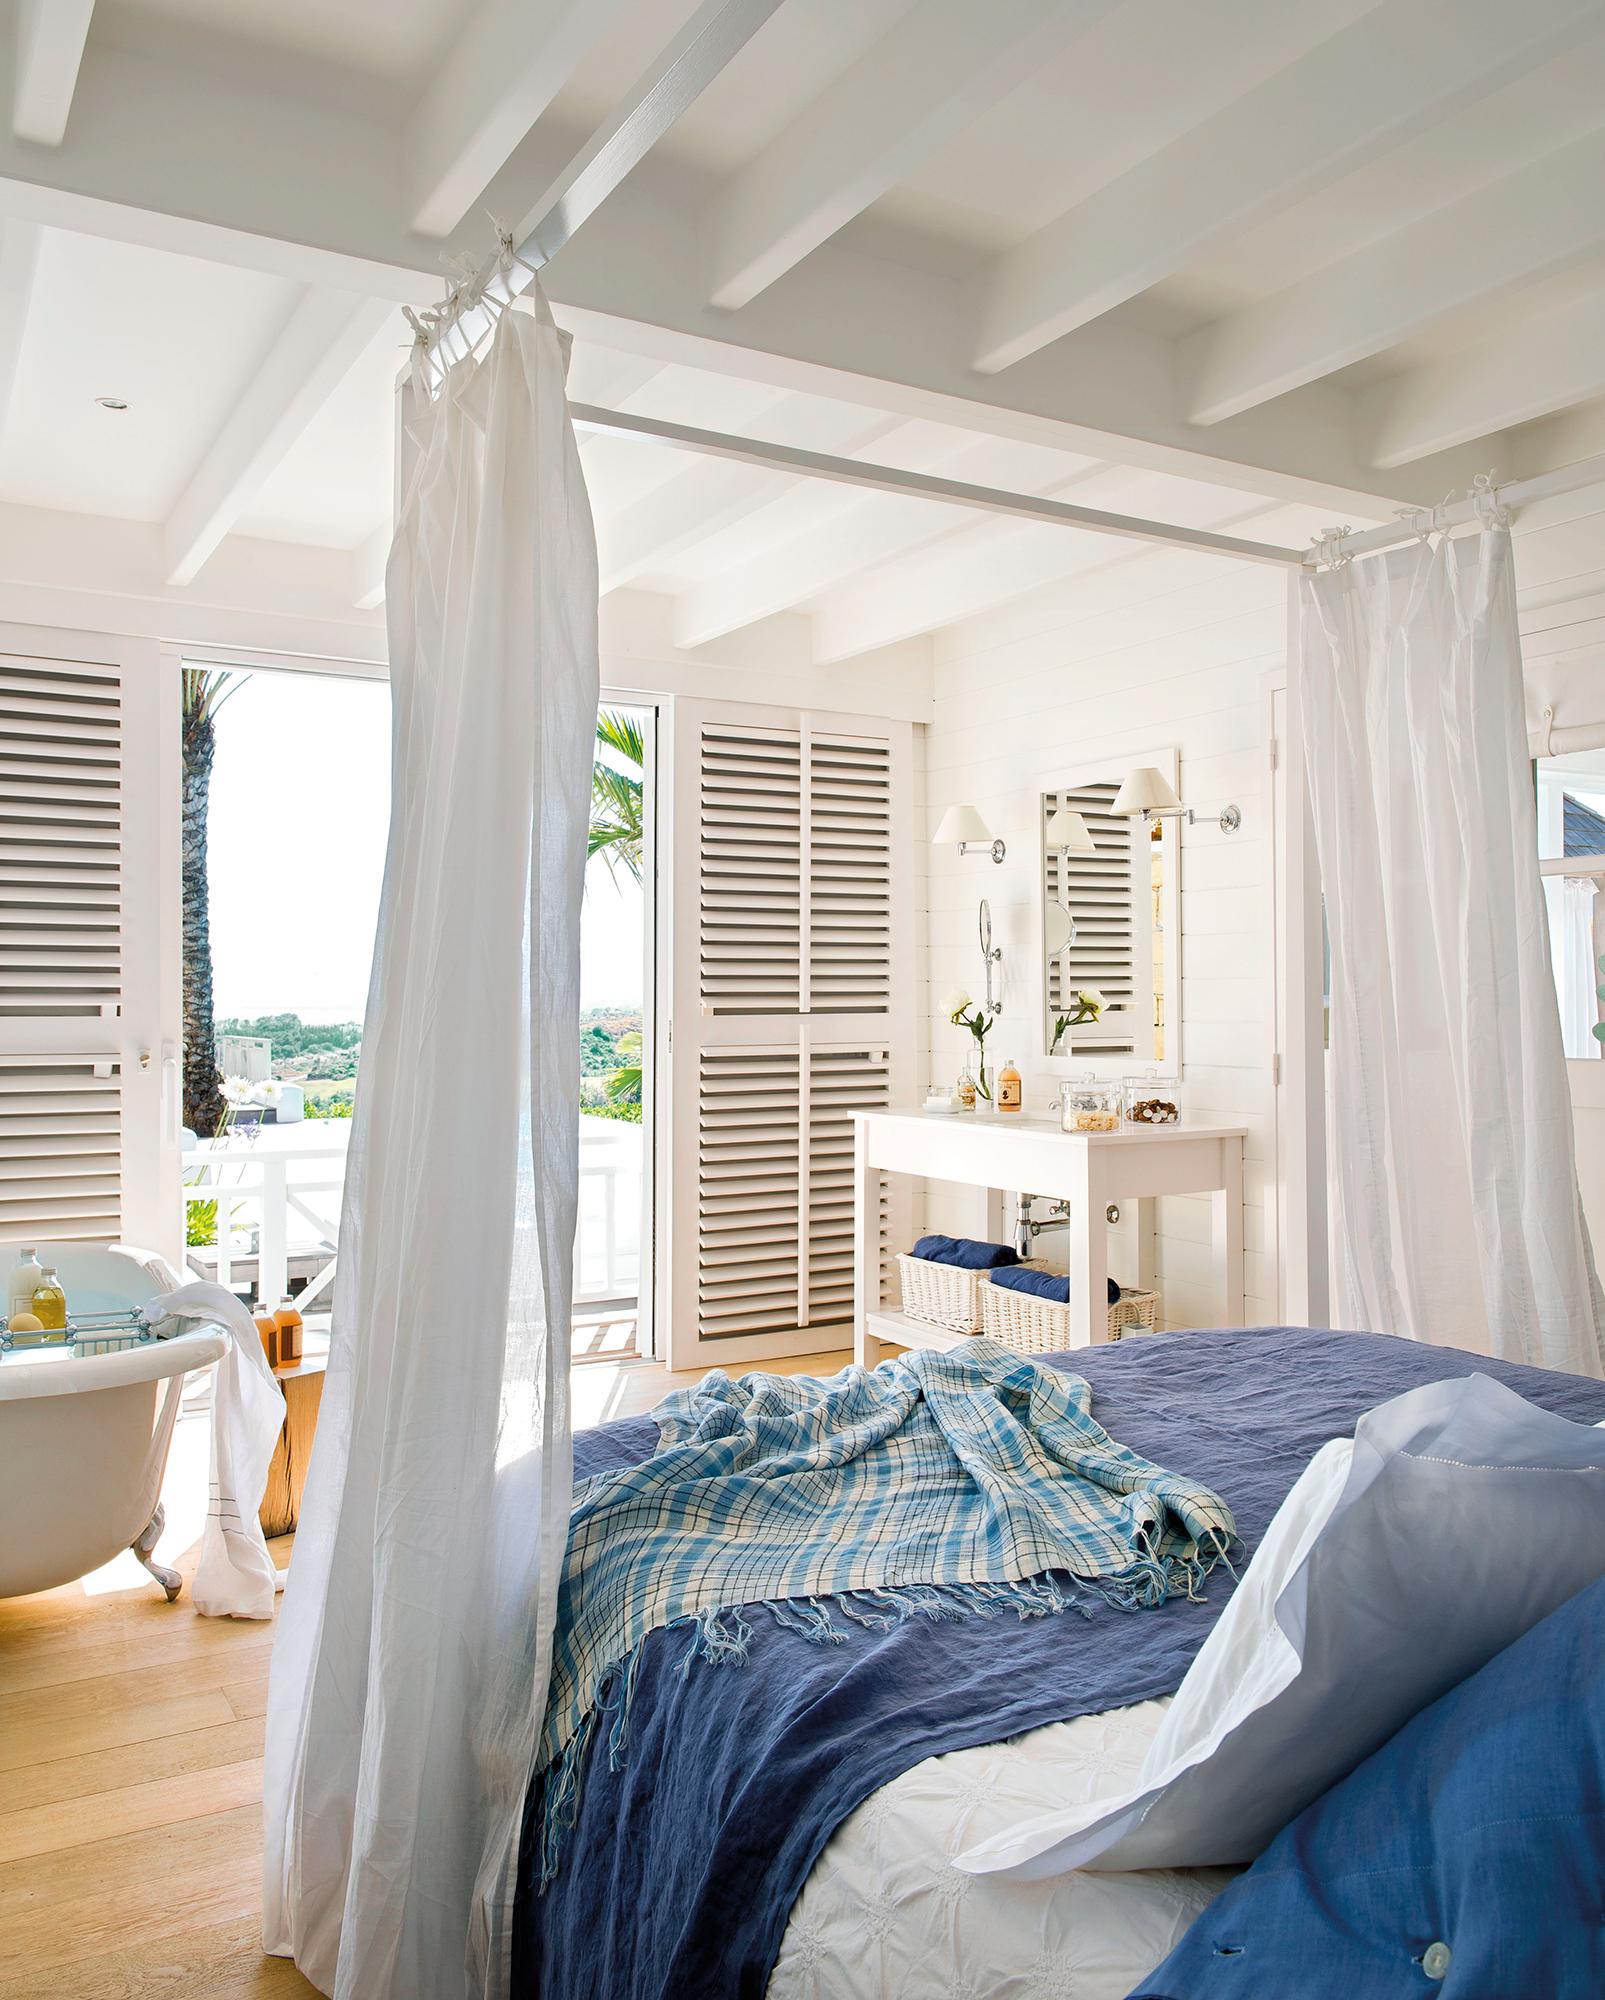 Dormitorio en blanco y detalles en azul con bañera con vistas al jardín_365839